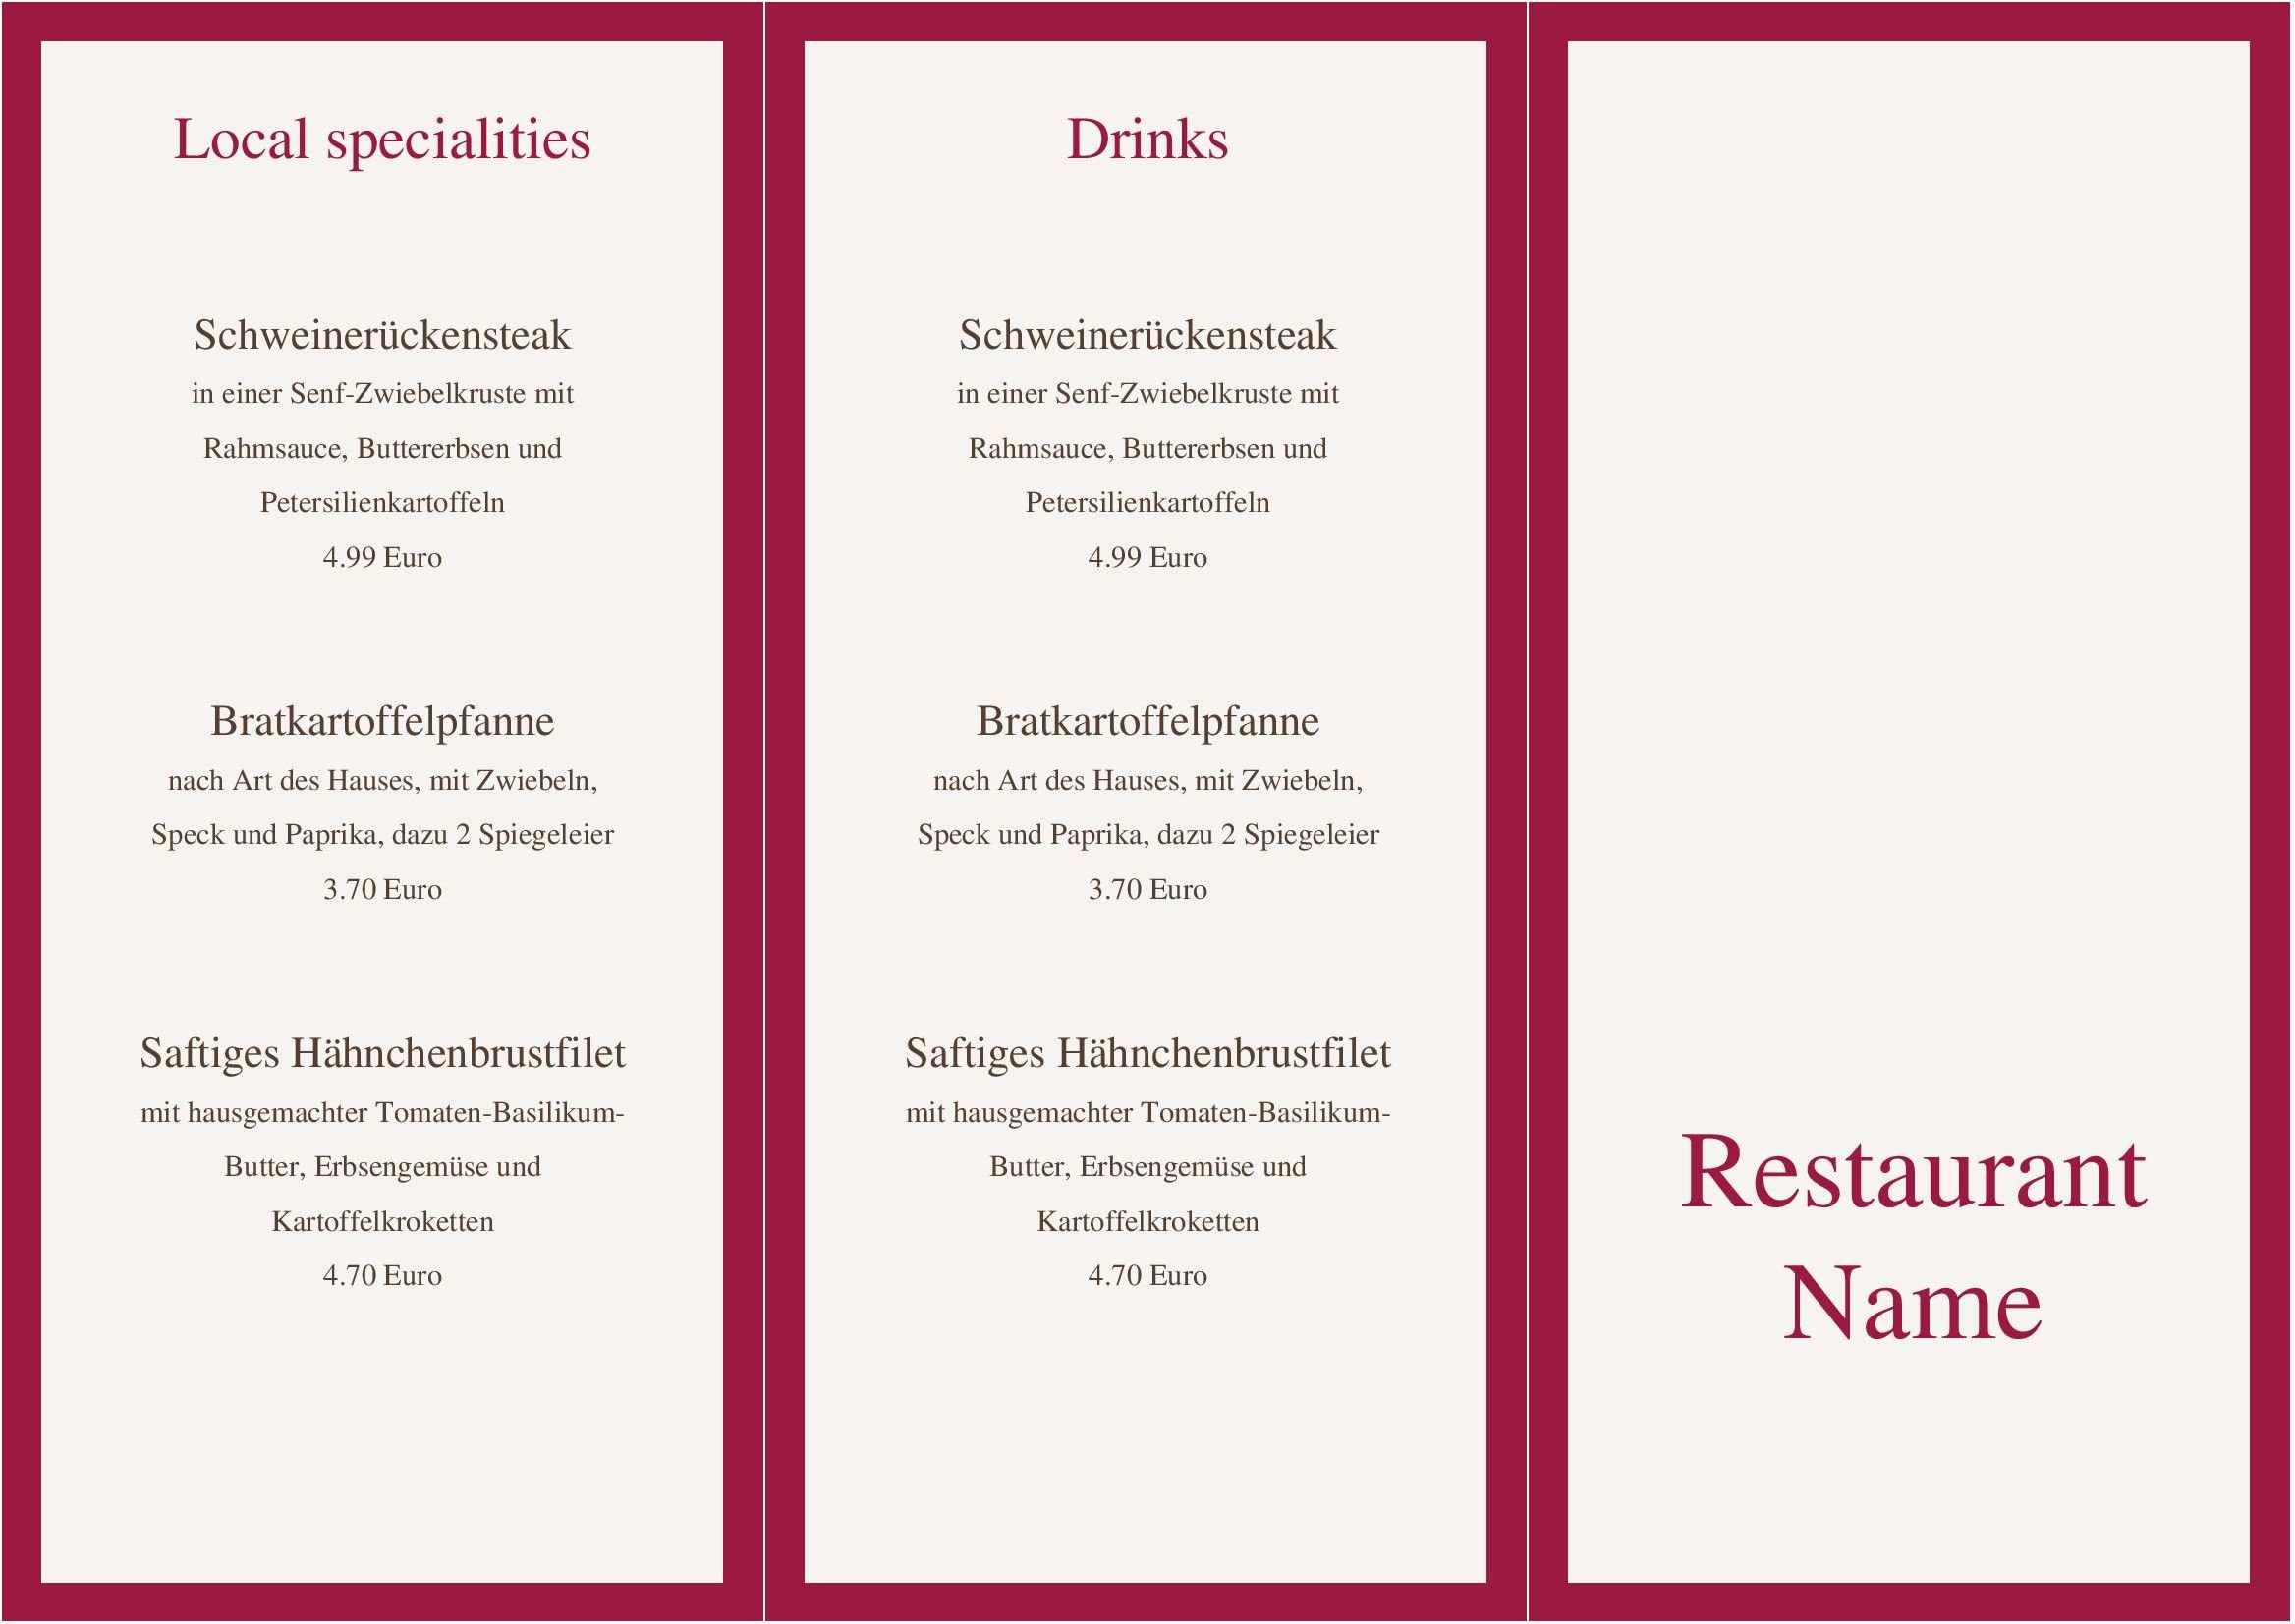 Eine Gute Kuche Braucht Eine Gute Karte Nutzen Sie Diese Kostenlose Vorlage Um Ihre Gastronomie Perfekt Abzurunden Speisekarte Getranke Karte Bar Karte